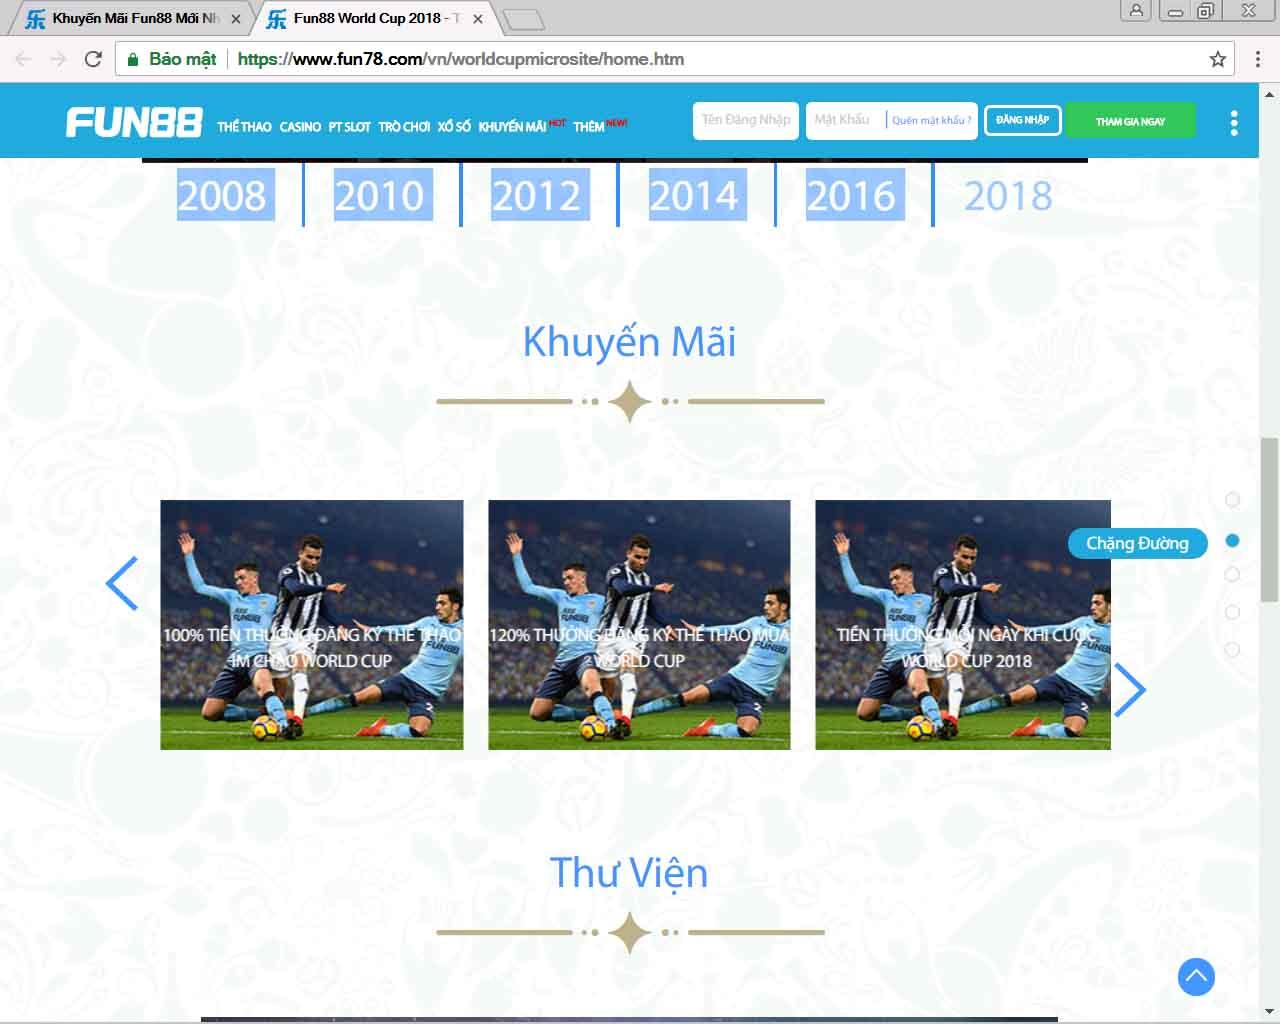 Kết quả hình ảnh cho site:https://linkvaoibet.com/